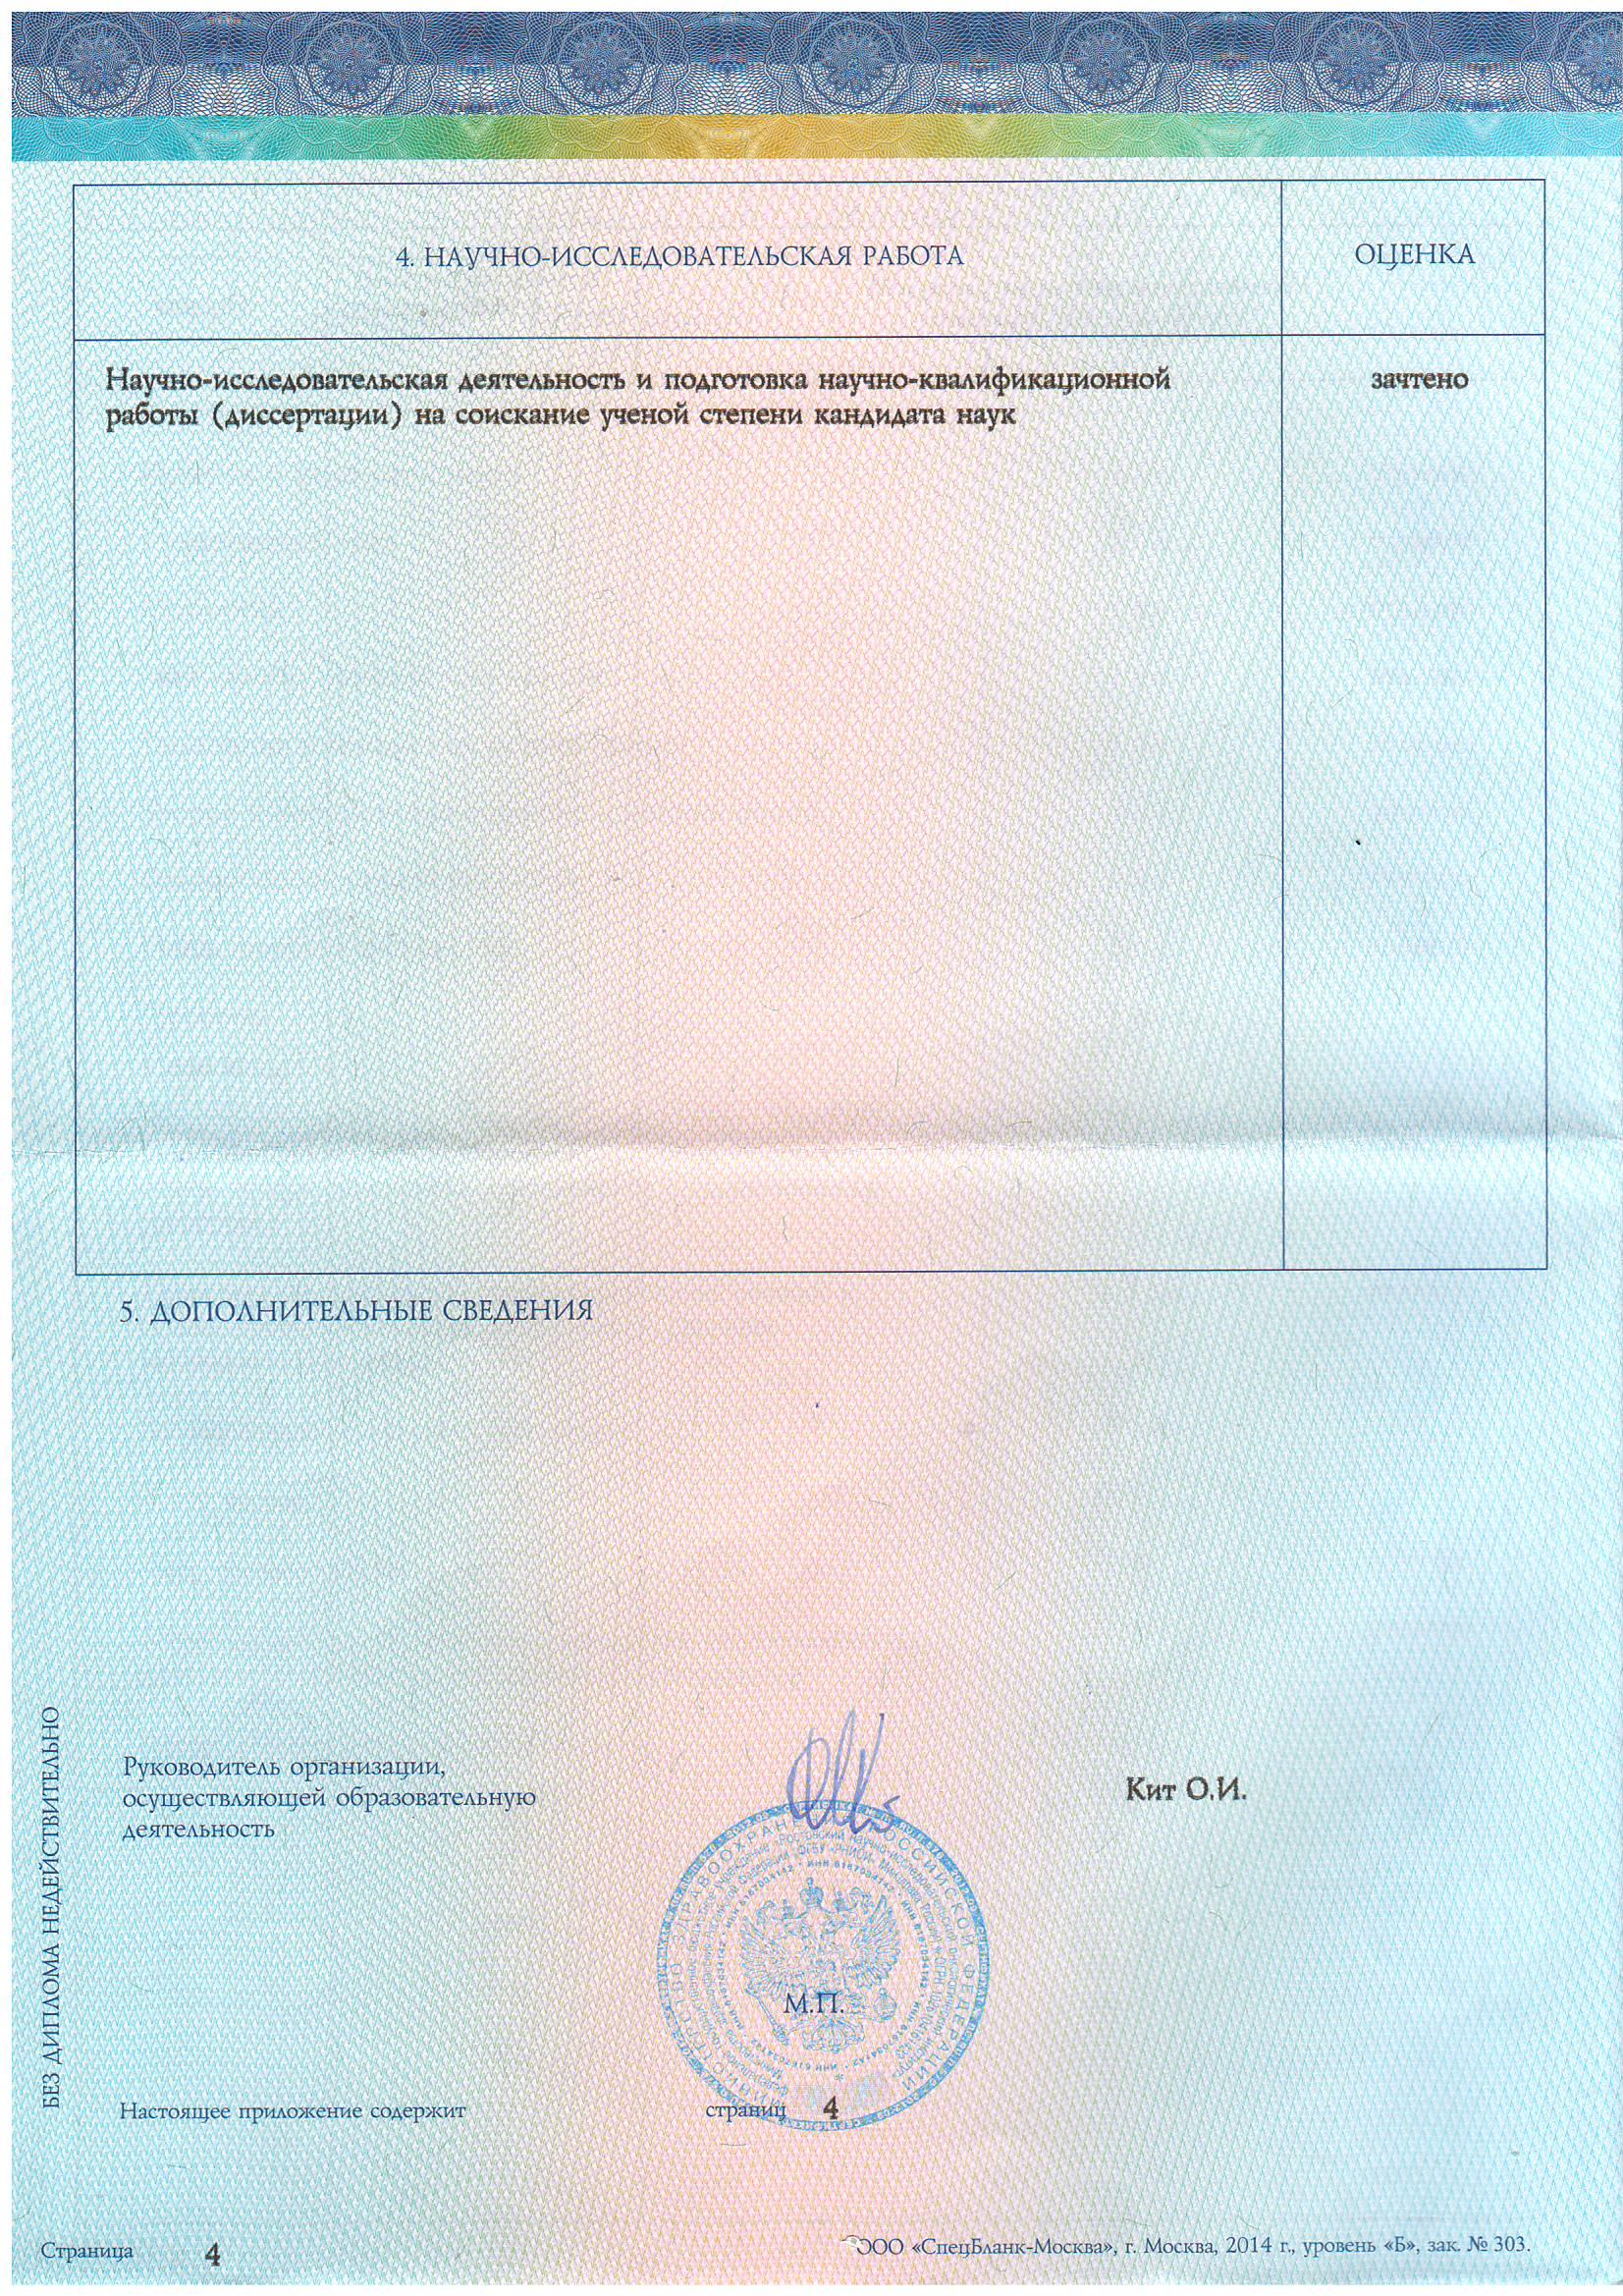 Кочуев Сергей Сергеевич  Диплом об окончании аспирантуры по направлению Клиническая медицина Приложение